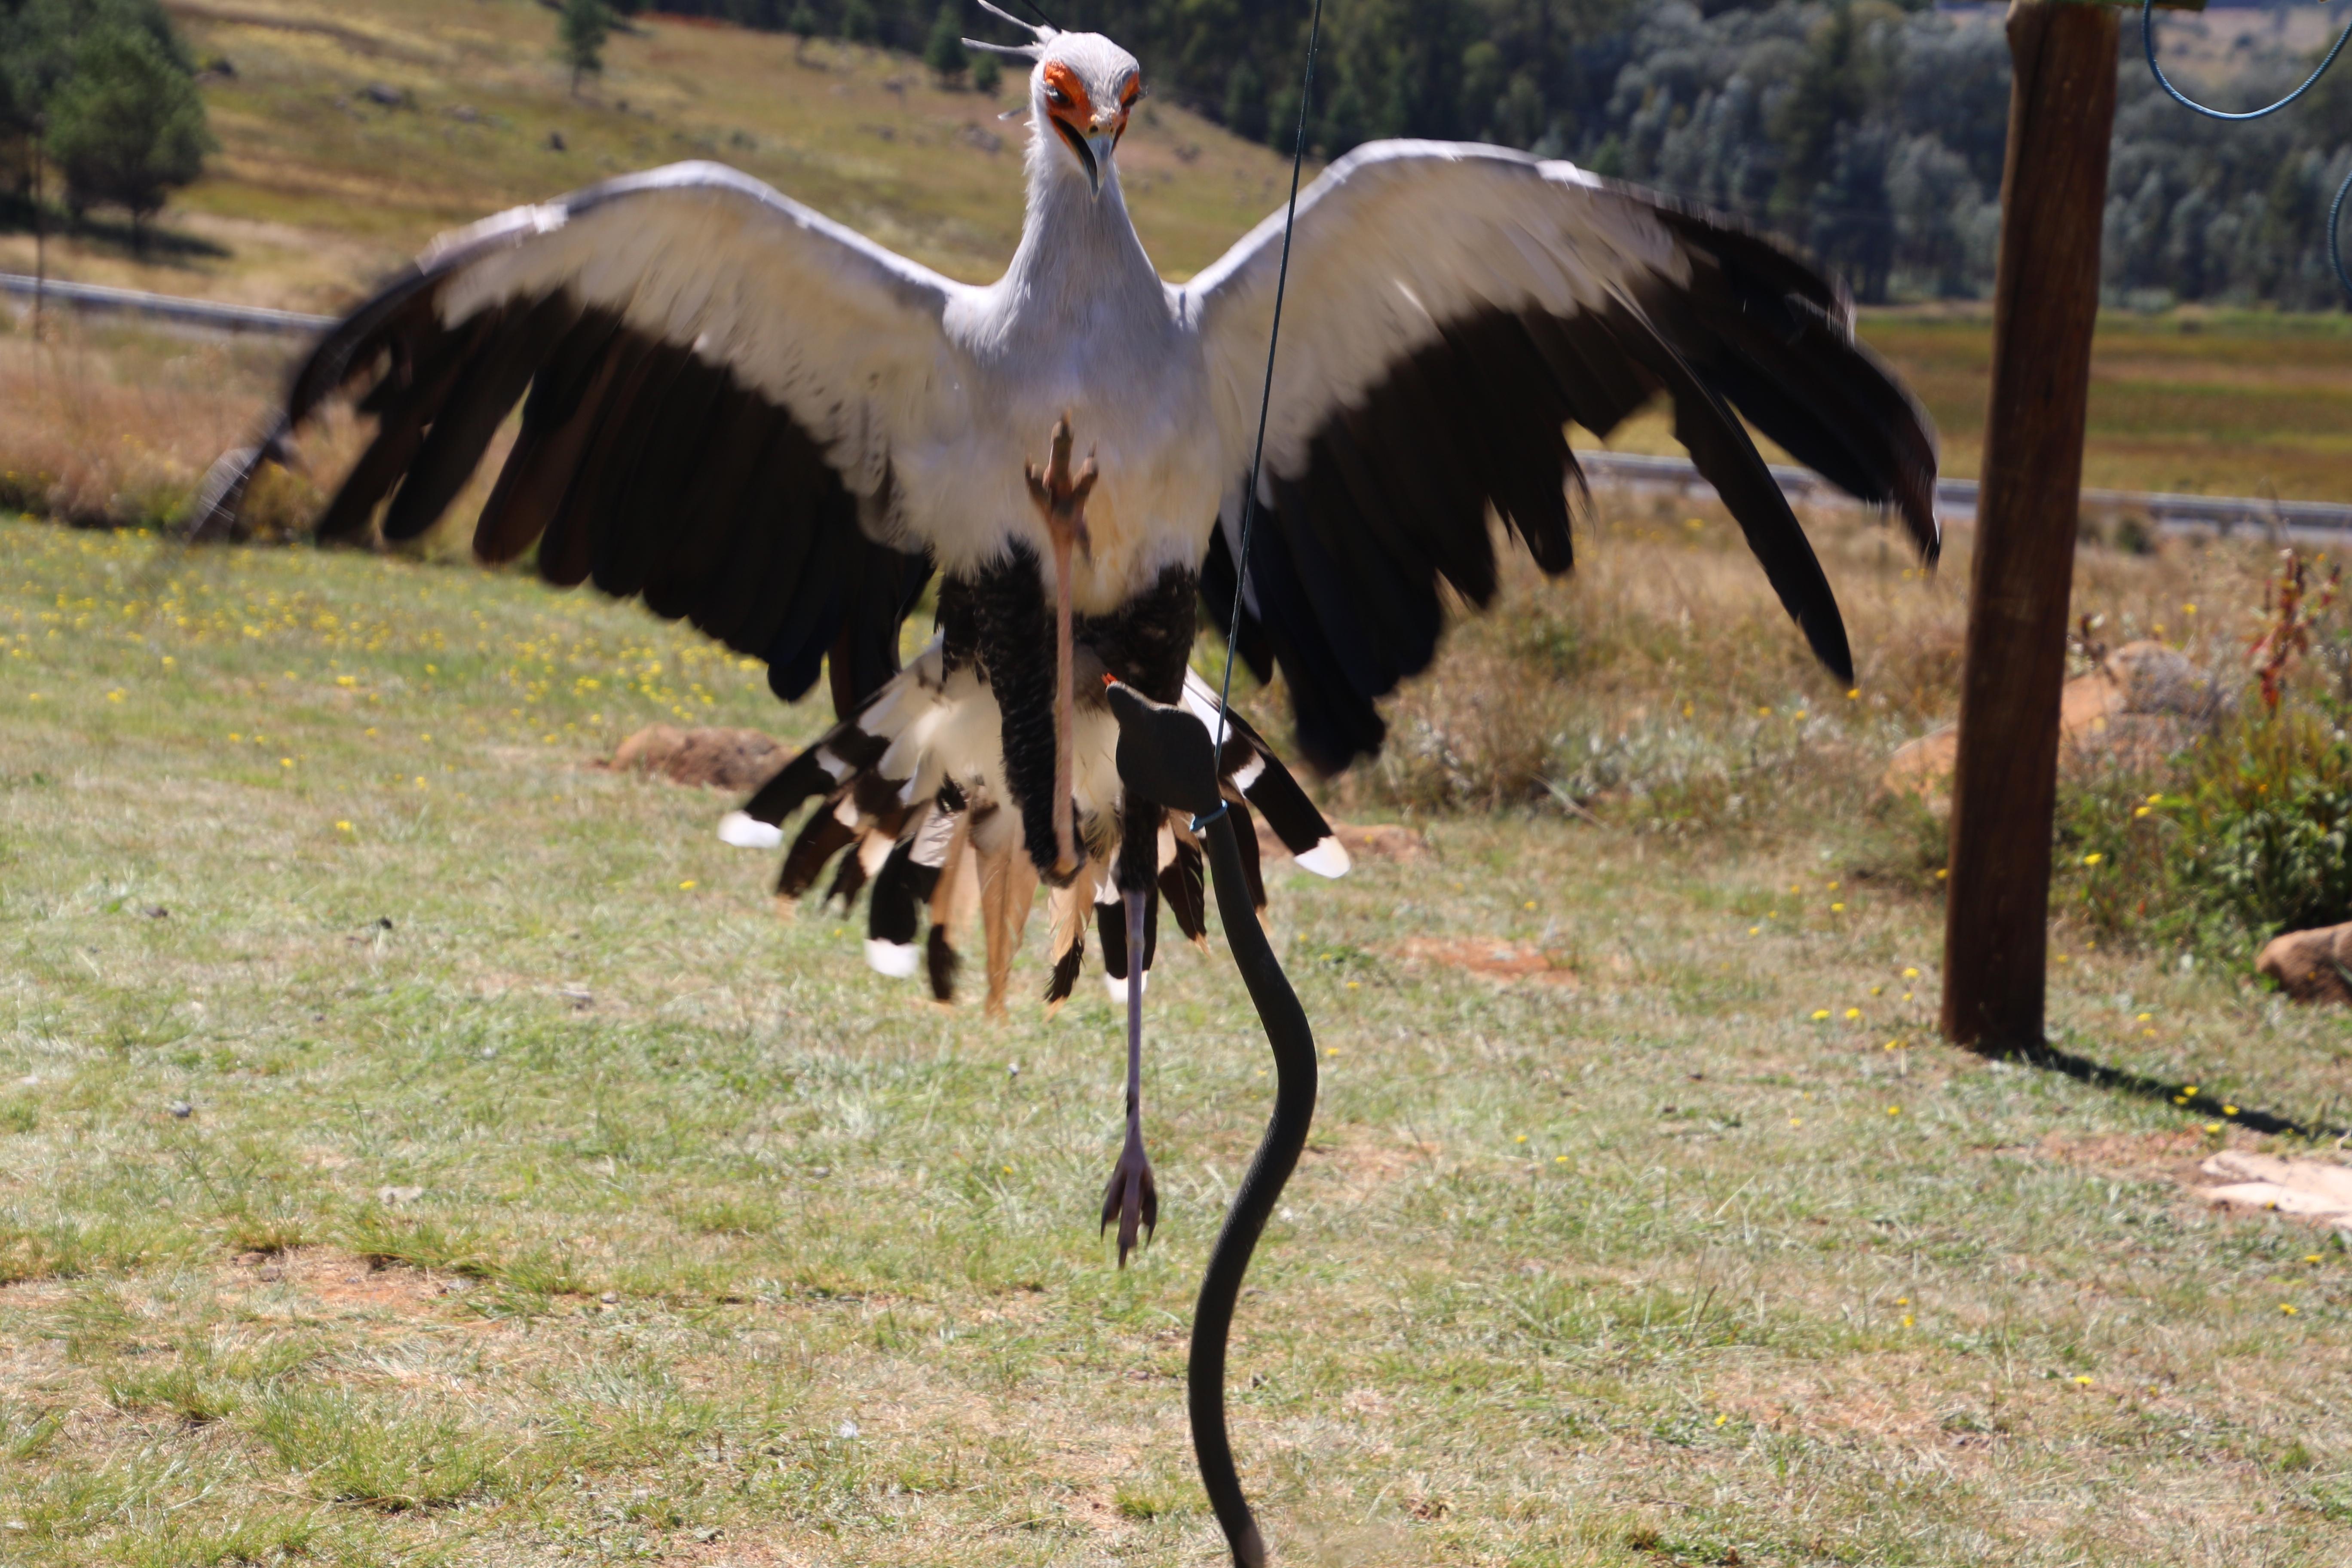 Μεγάλο μαύρο πουλί και λεία